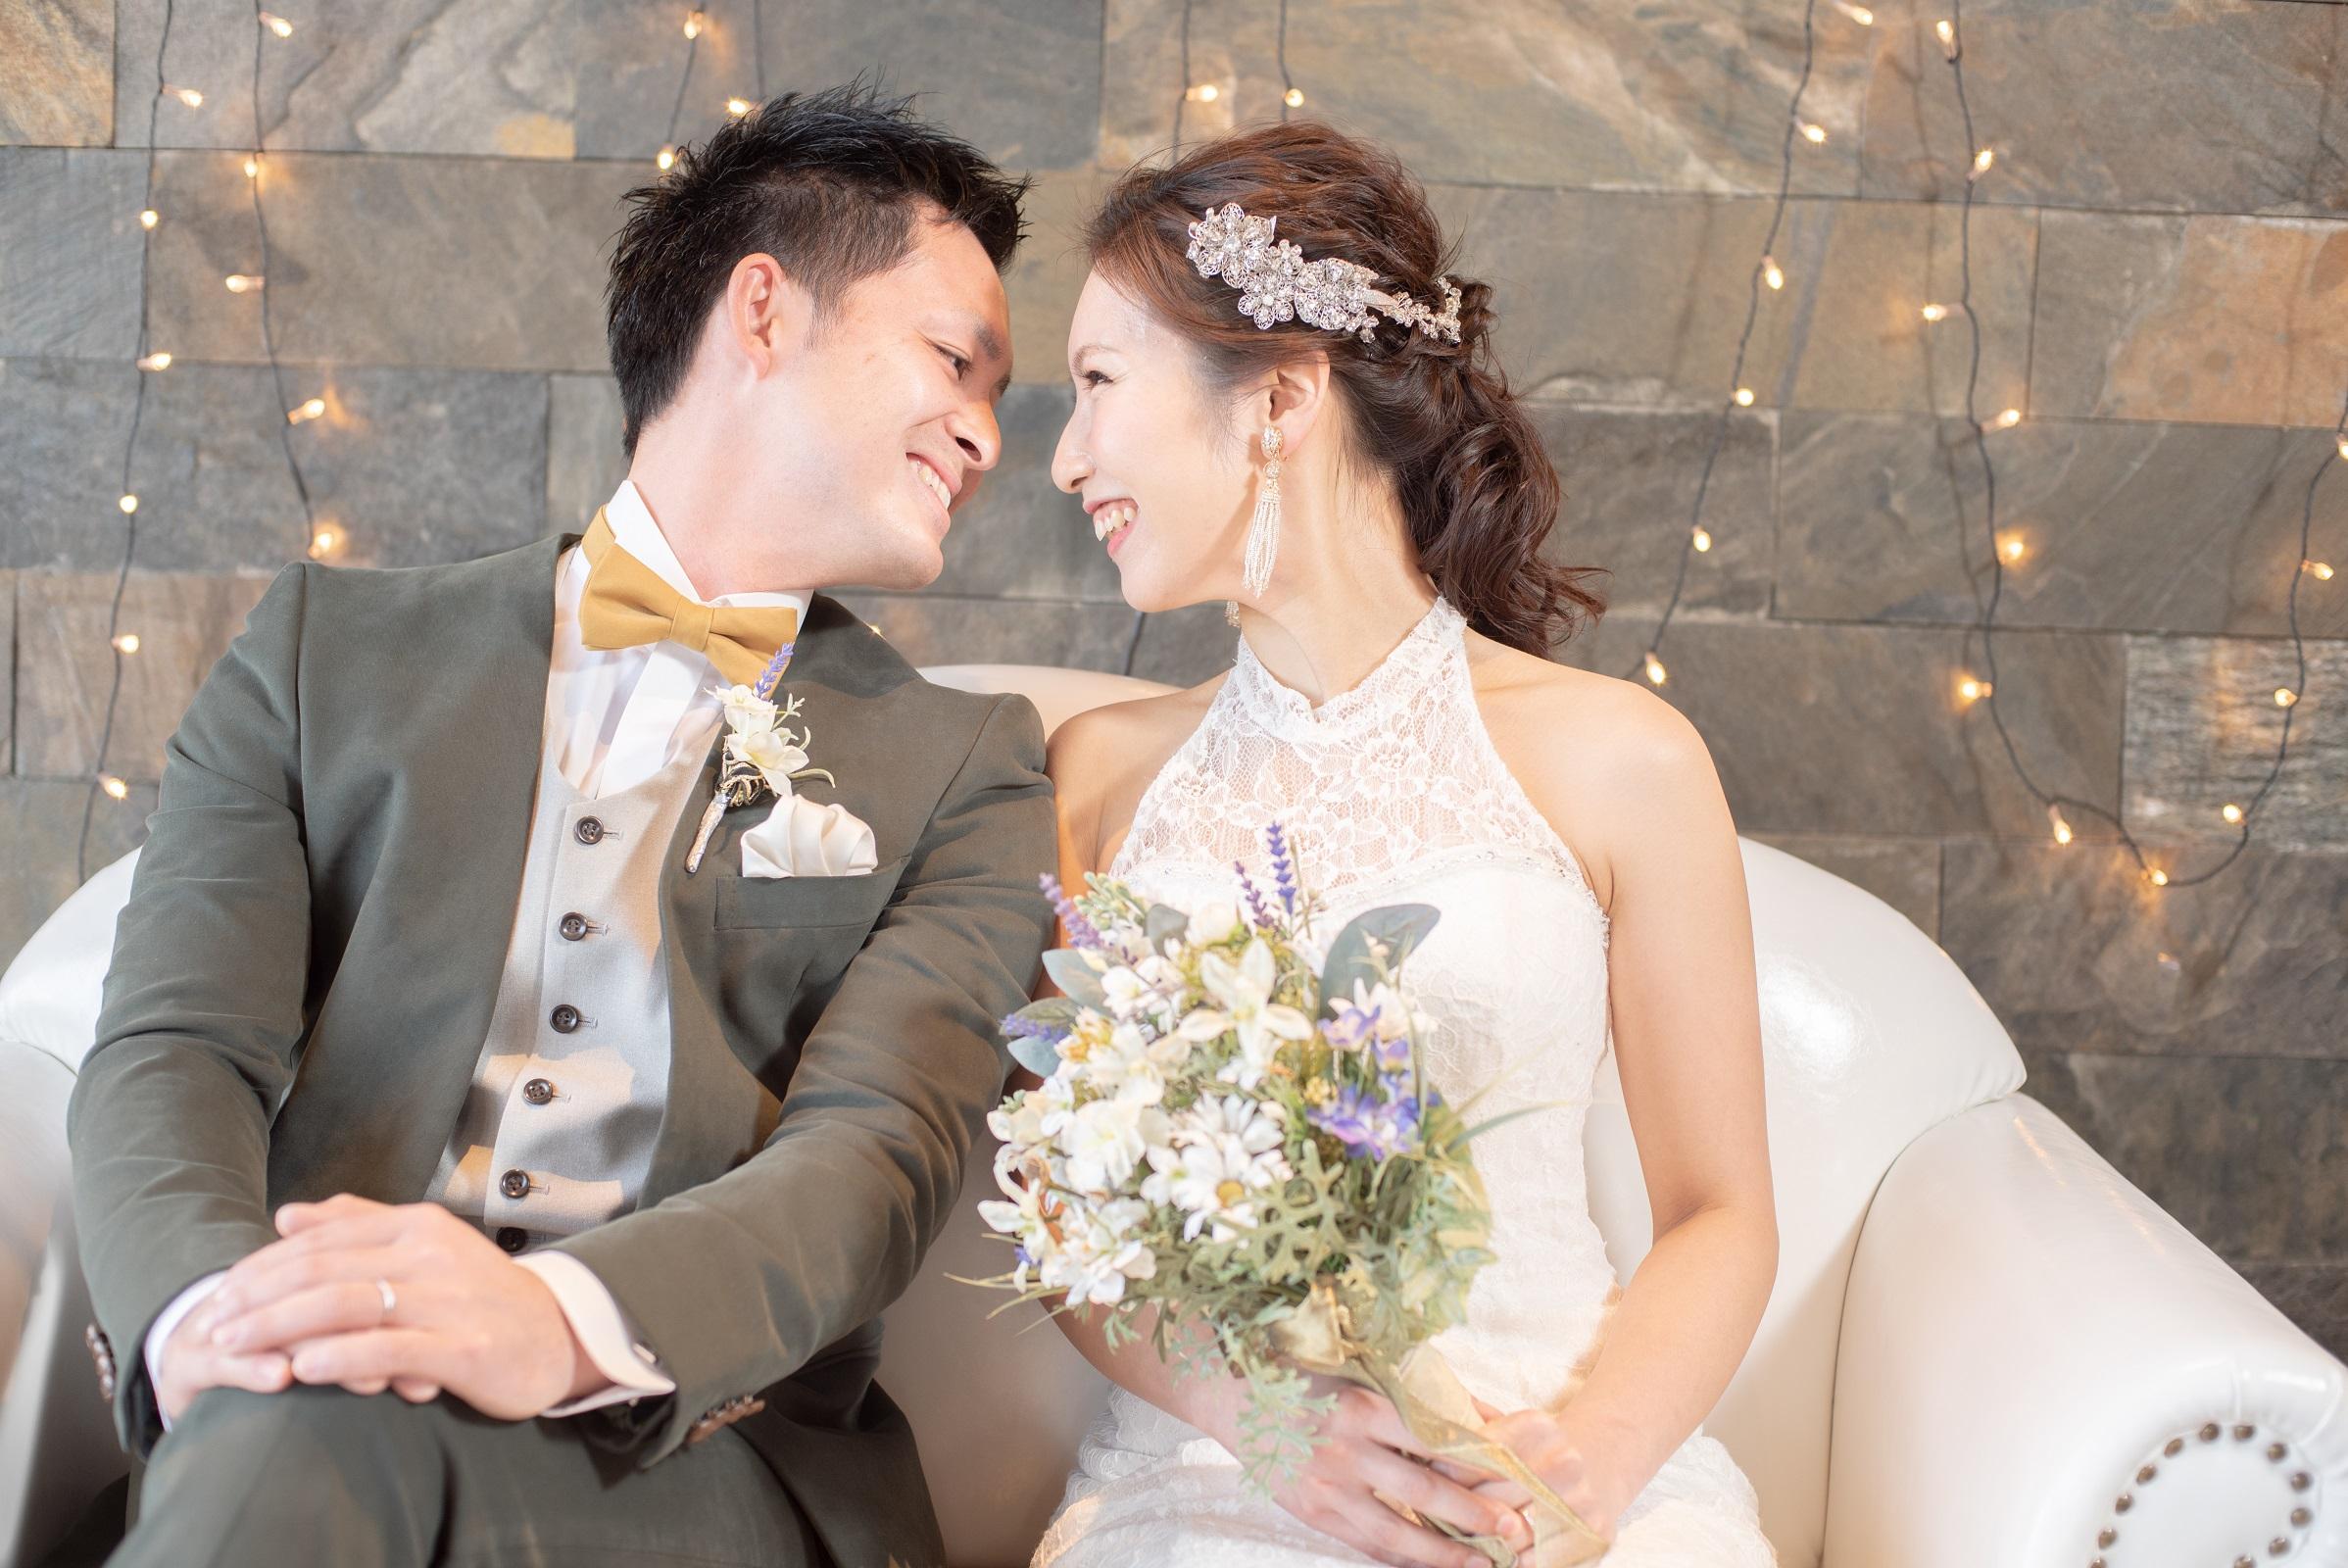 香川県高松市の小さな結婚式紹介所マリマリコンシェルジュで写真のみの結婚式